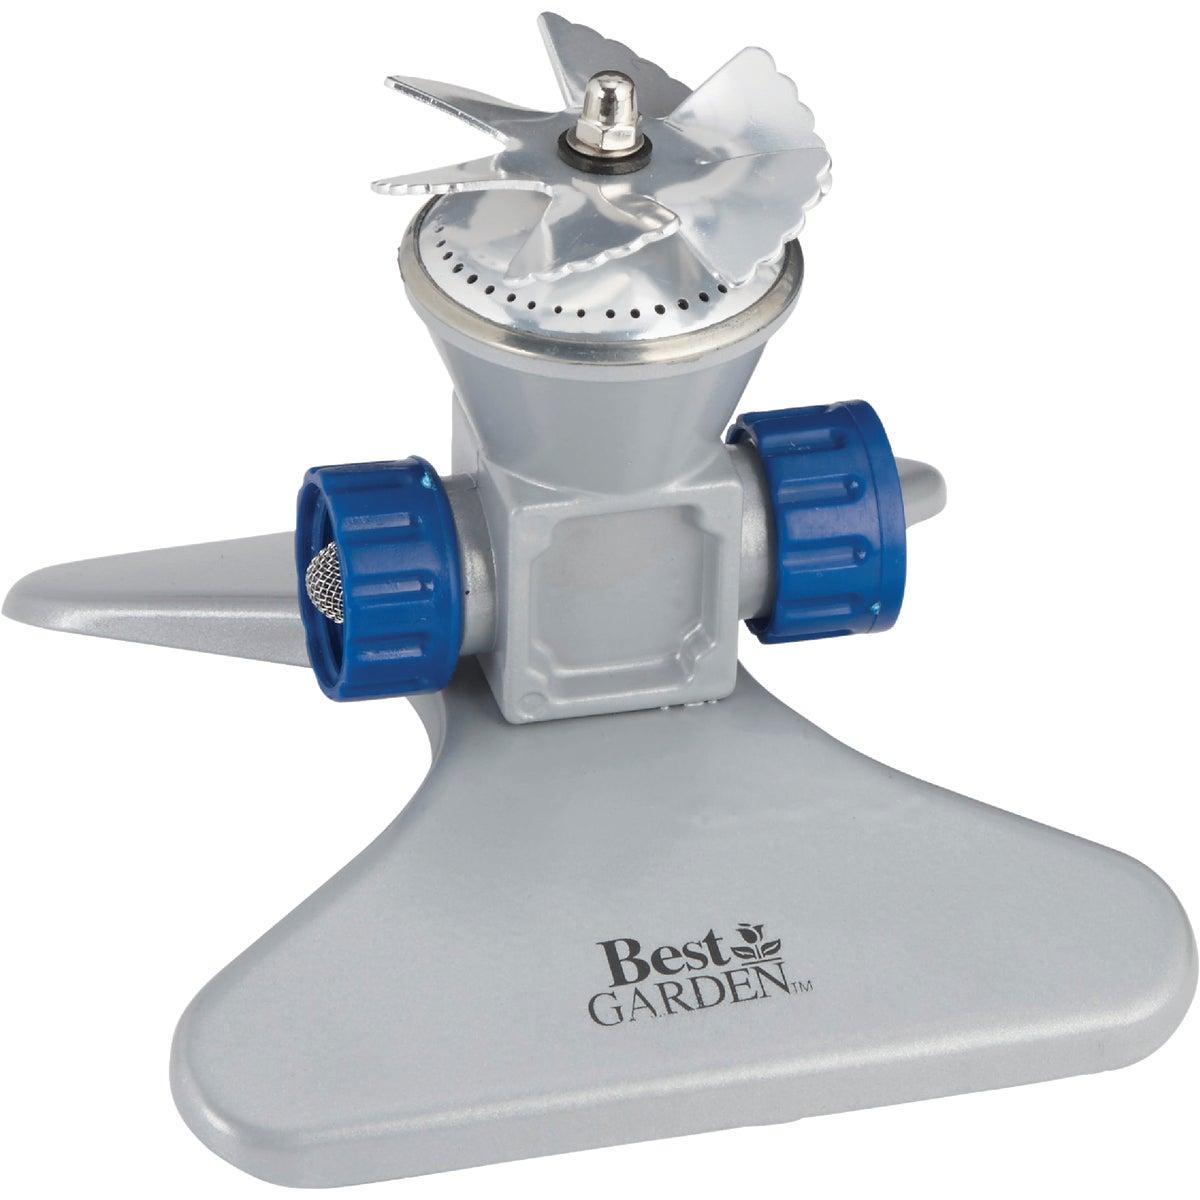 ROTARY SPRINKLER - DIB50230 by Bosch G W